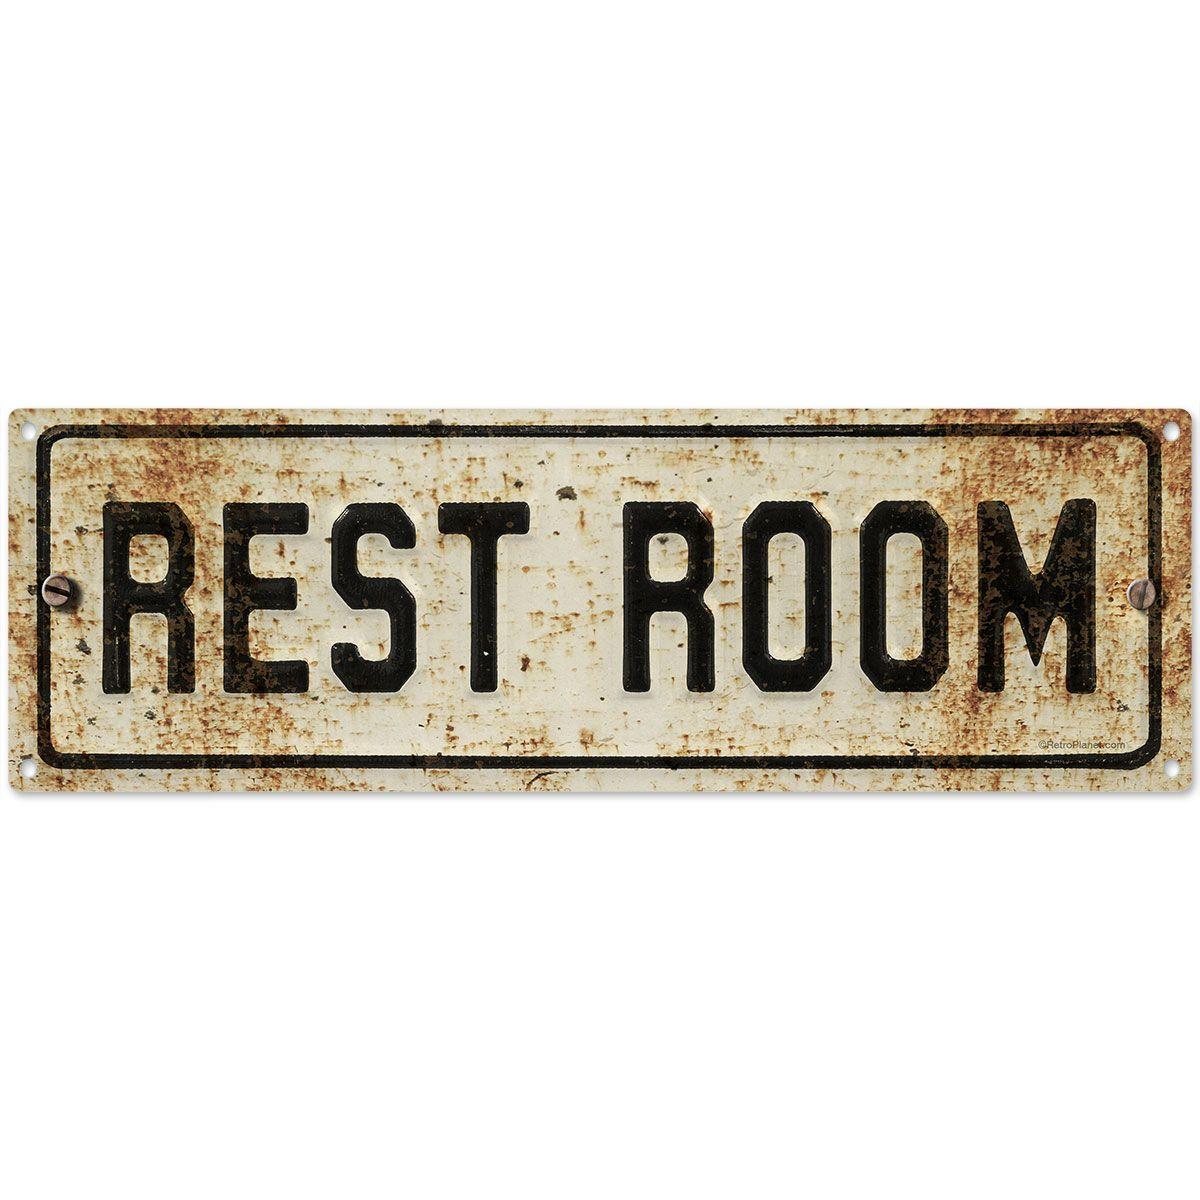 Restroom Embossed Look Rusted Bathroom Sign Vintage Metal Signs Restroom Bathroom Styling